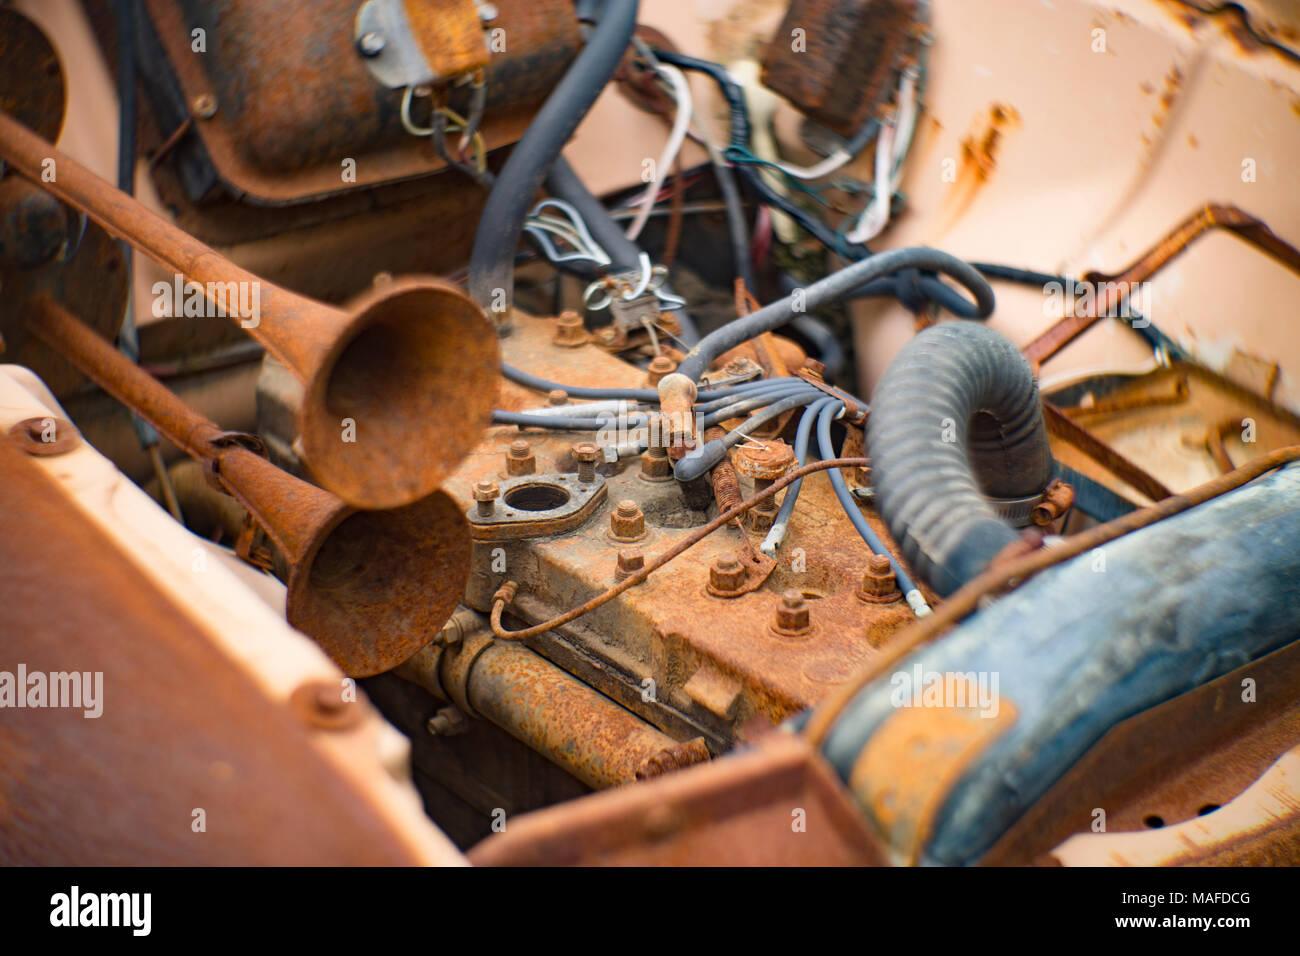 6 Cylinder Engine Stock Photos & 6 Cylinder Engine Stock Images - Alamy